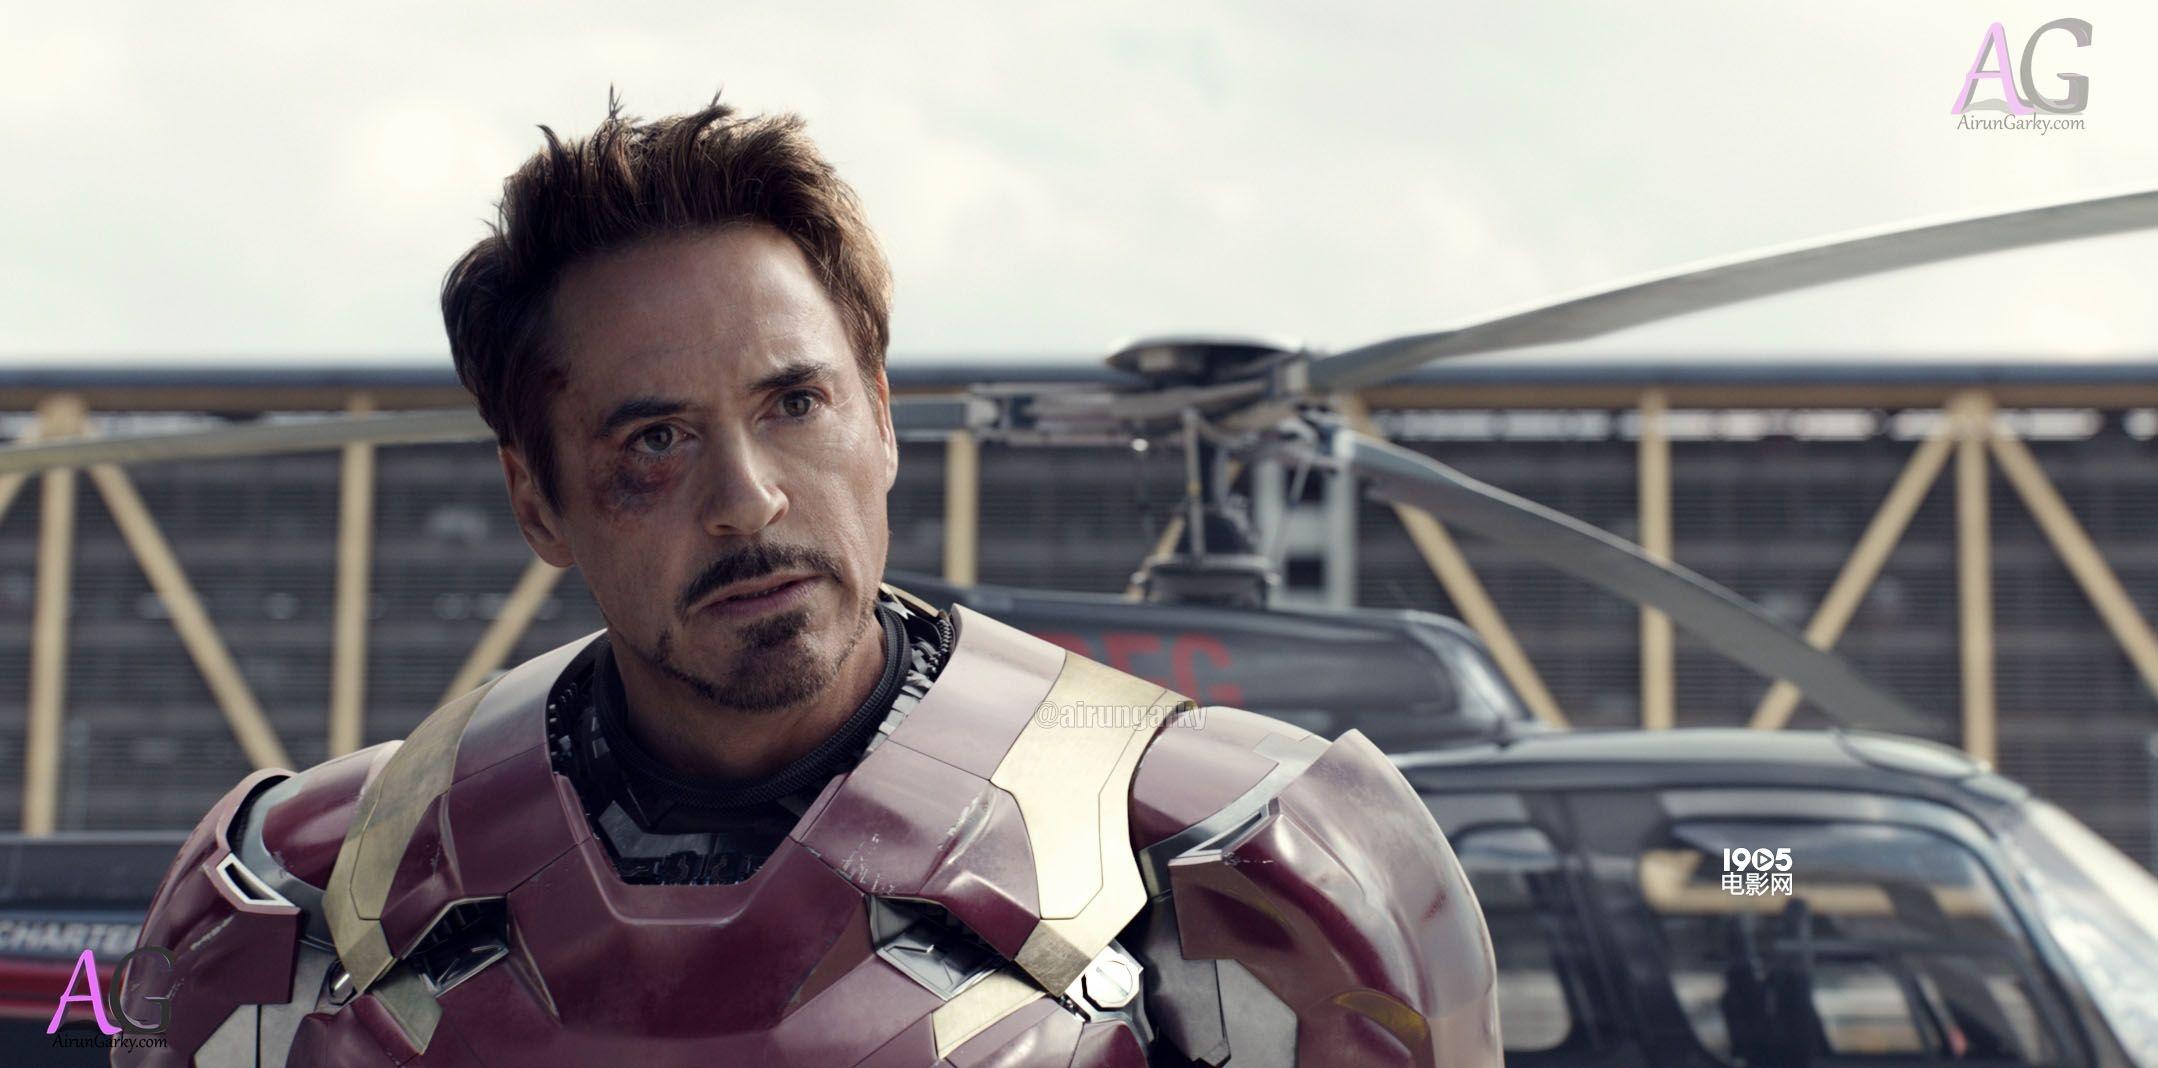 《美国队长3》发布海量剧照 钢铁侠美队深情凝视